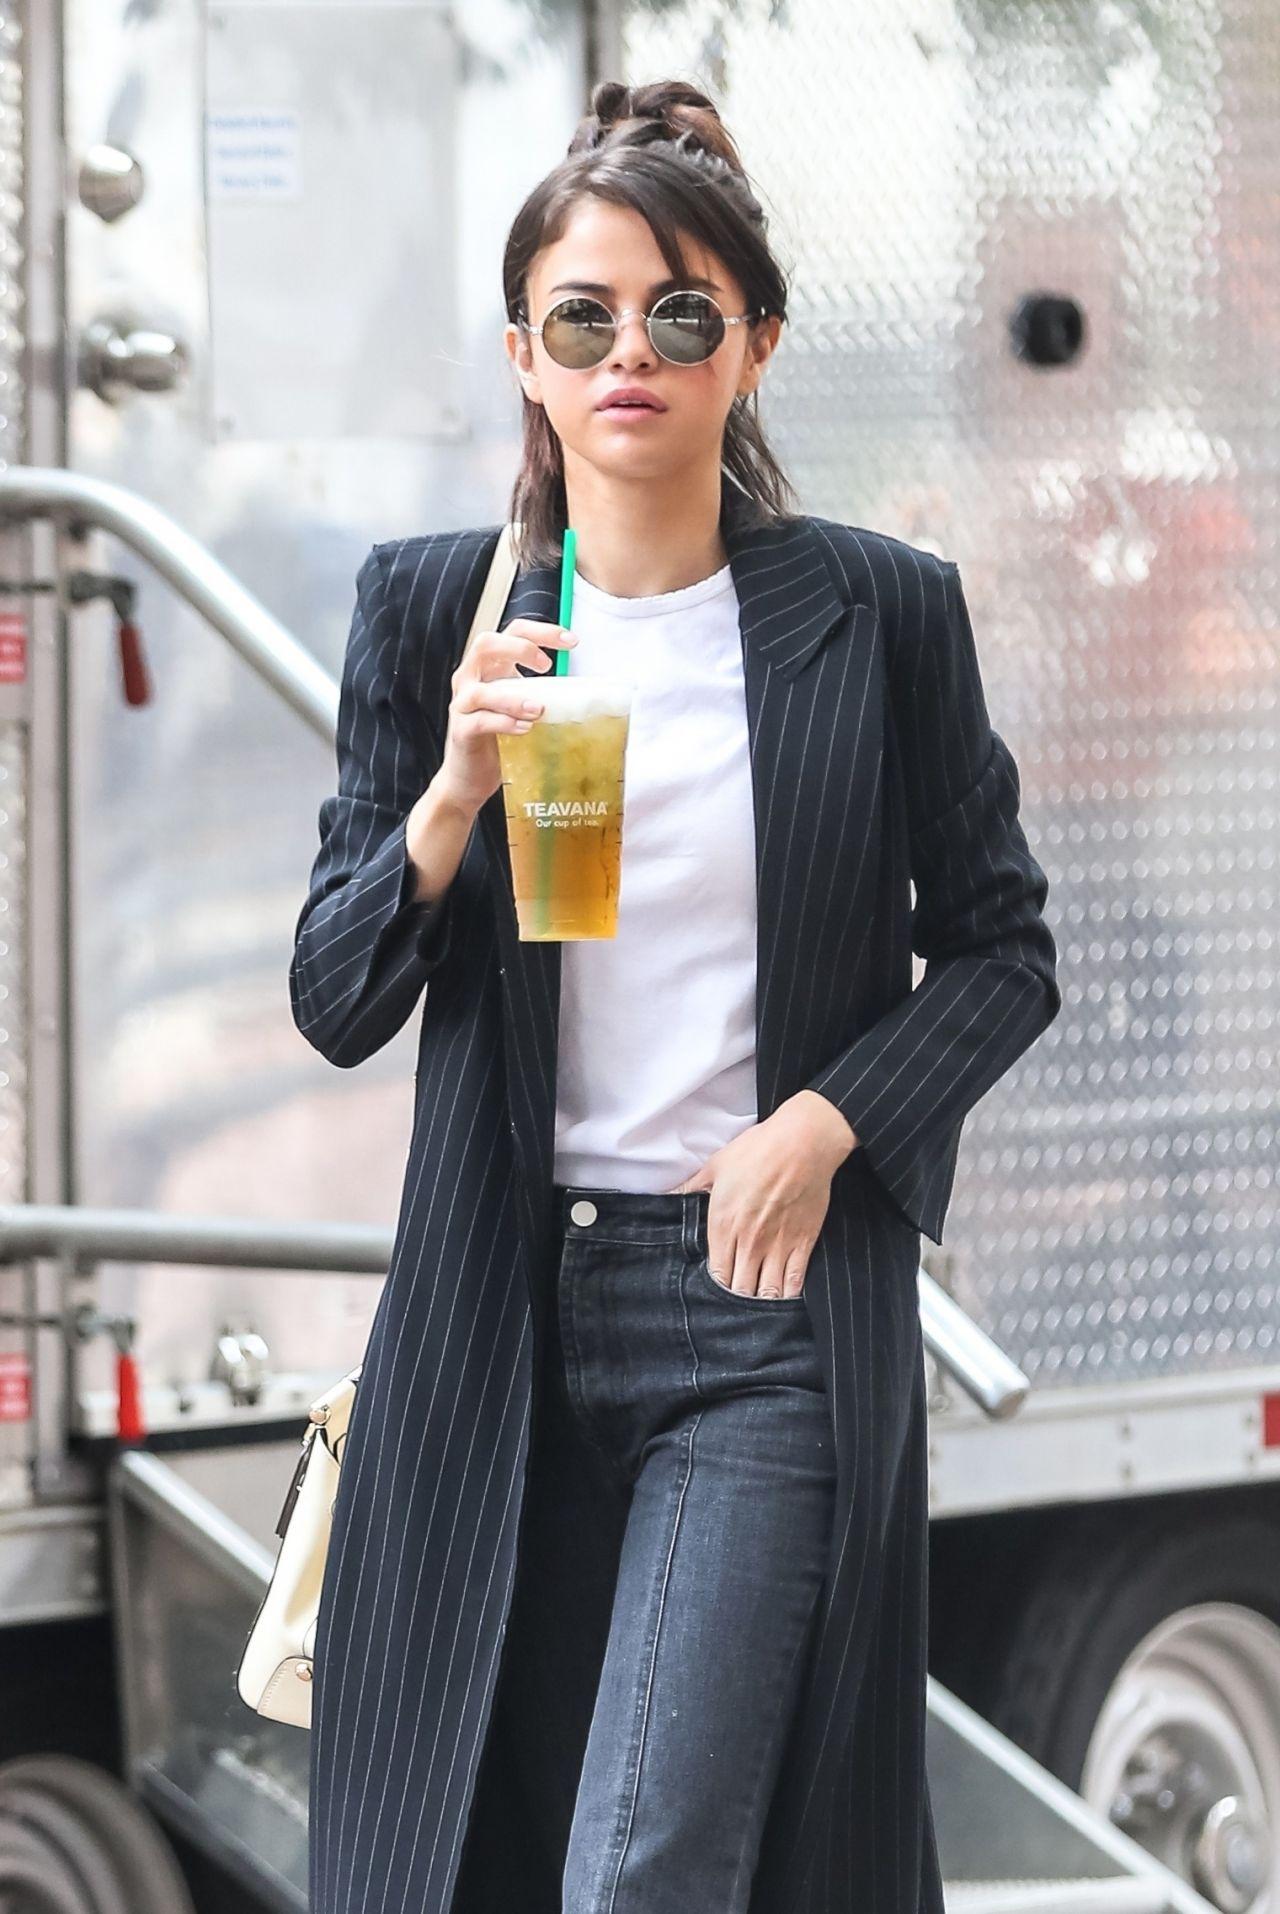 Selena Gomez - Woody Allen Film Set In Nyc 09212017-4546